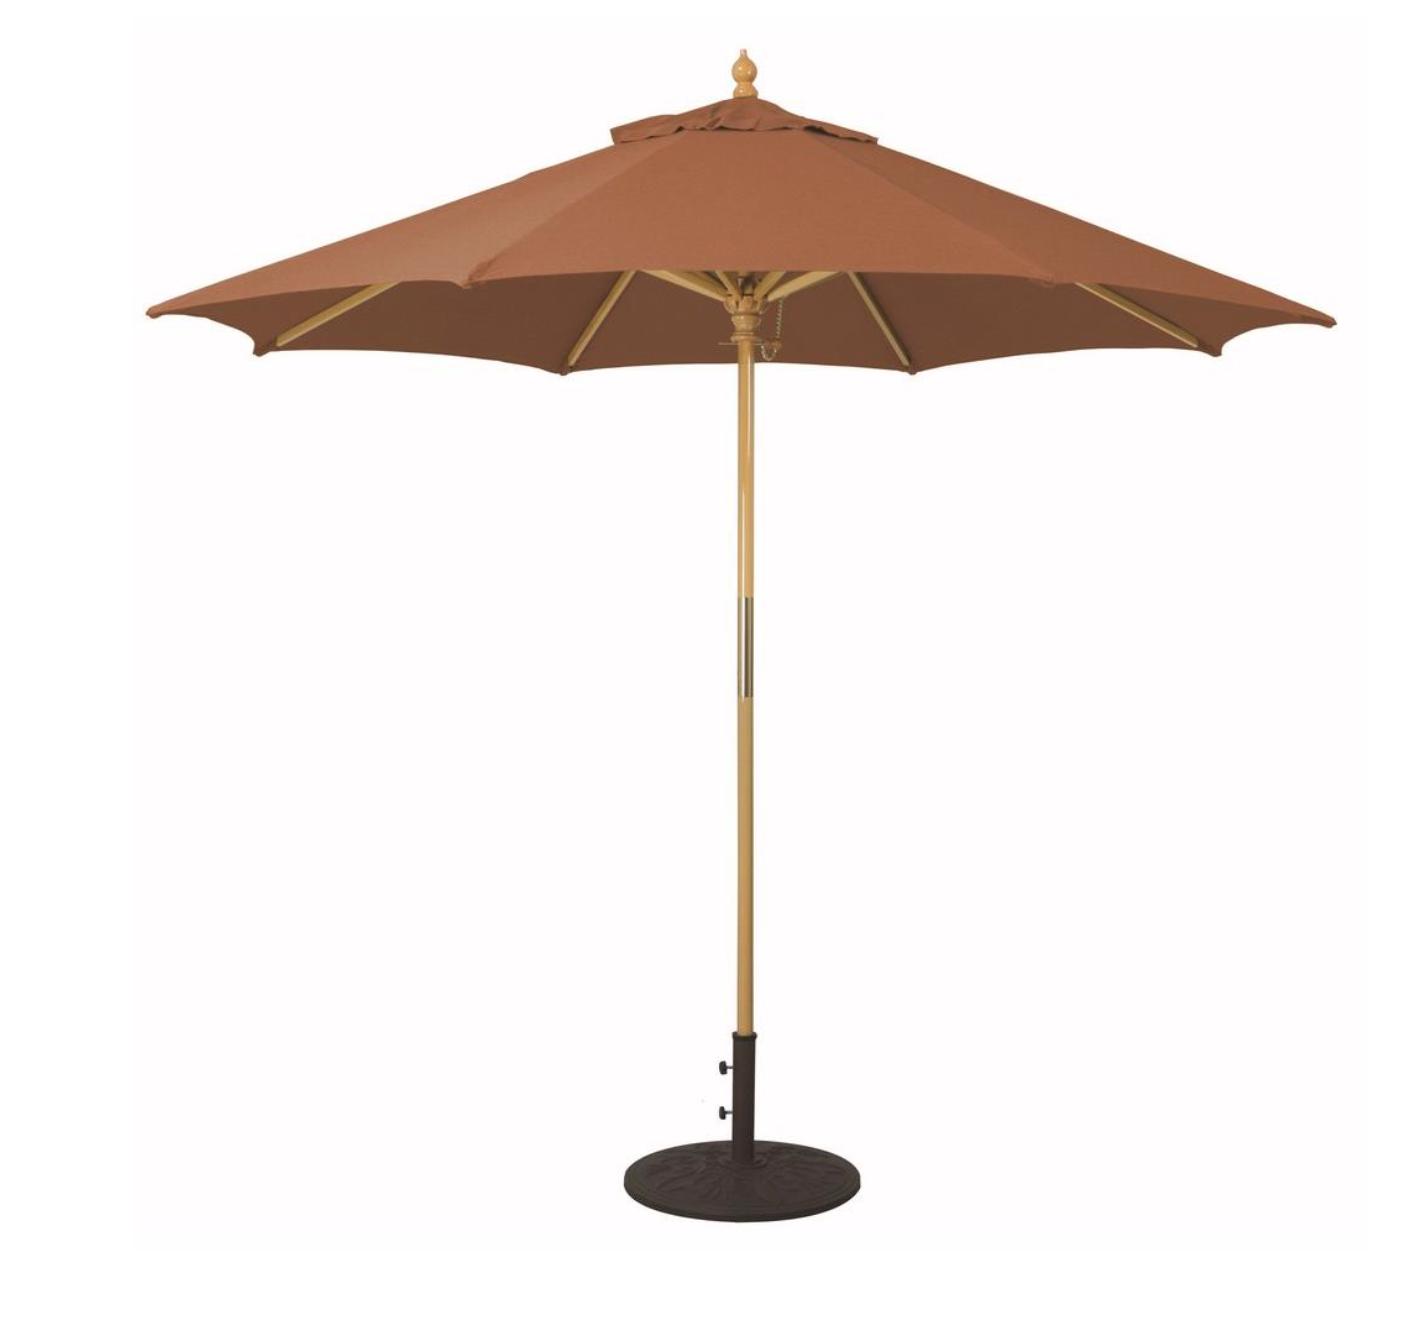 9 Round Umbrella Market Umbrella Umbrella Cover Patio Umbrellas